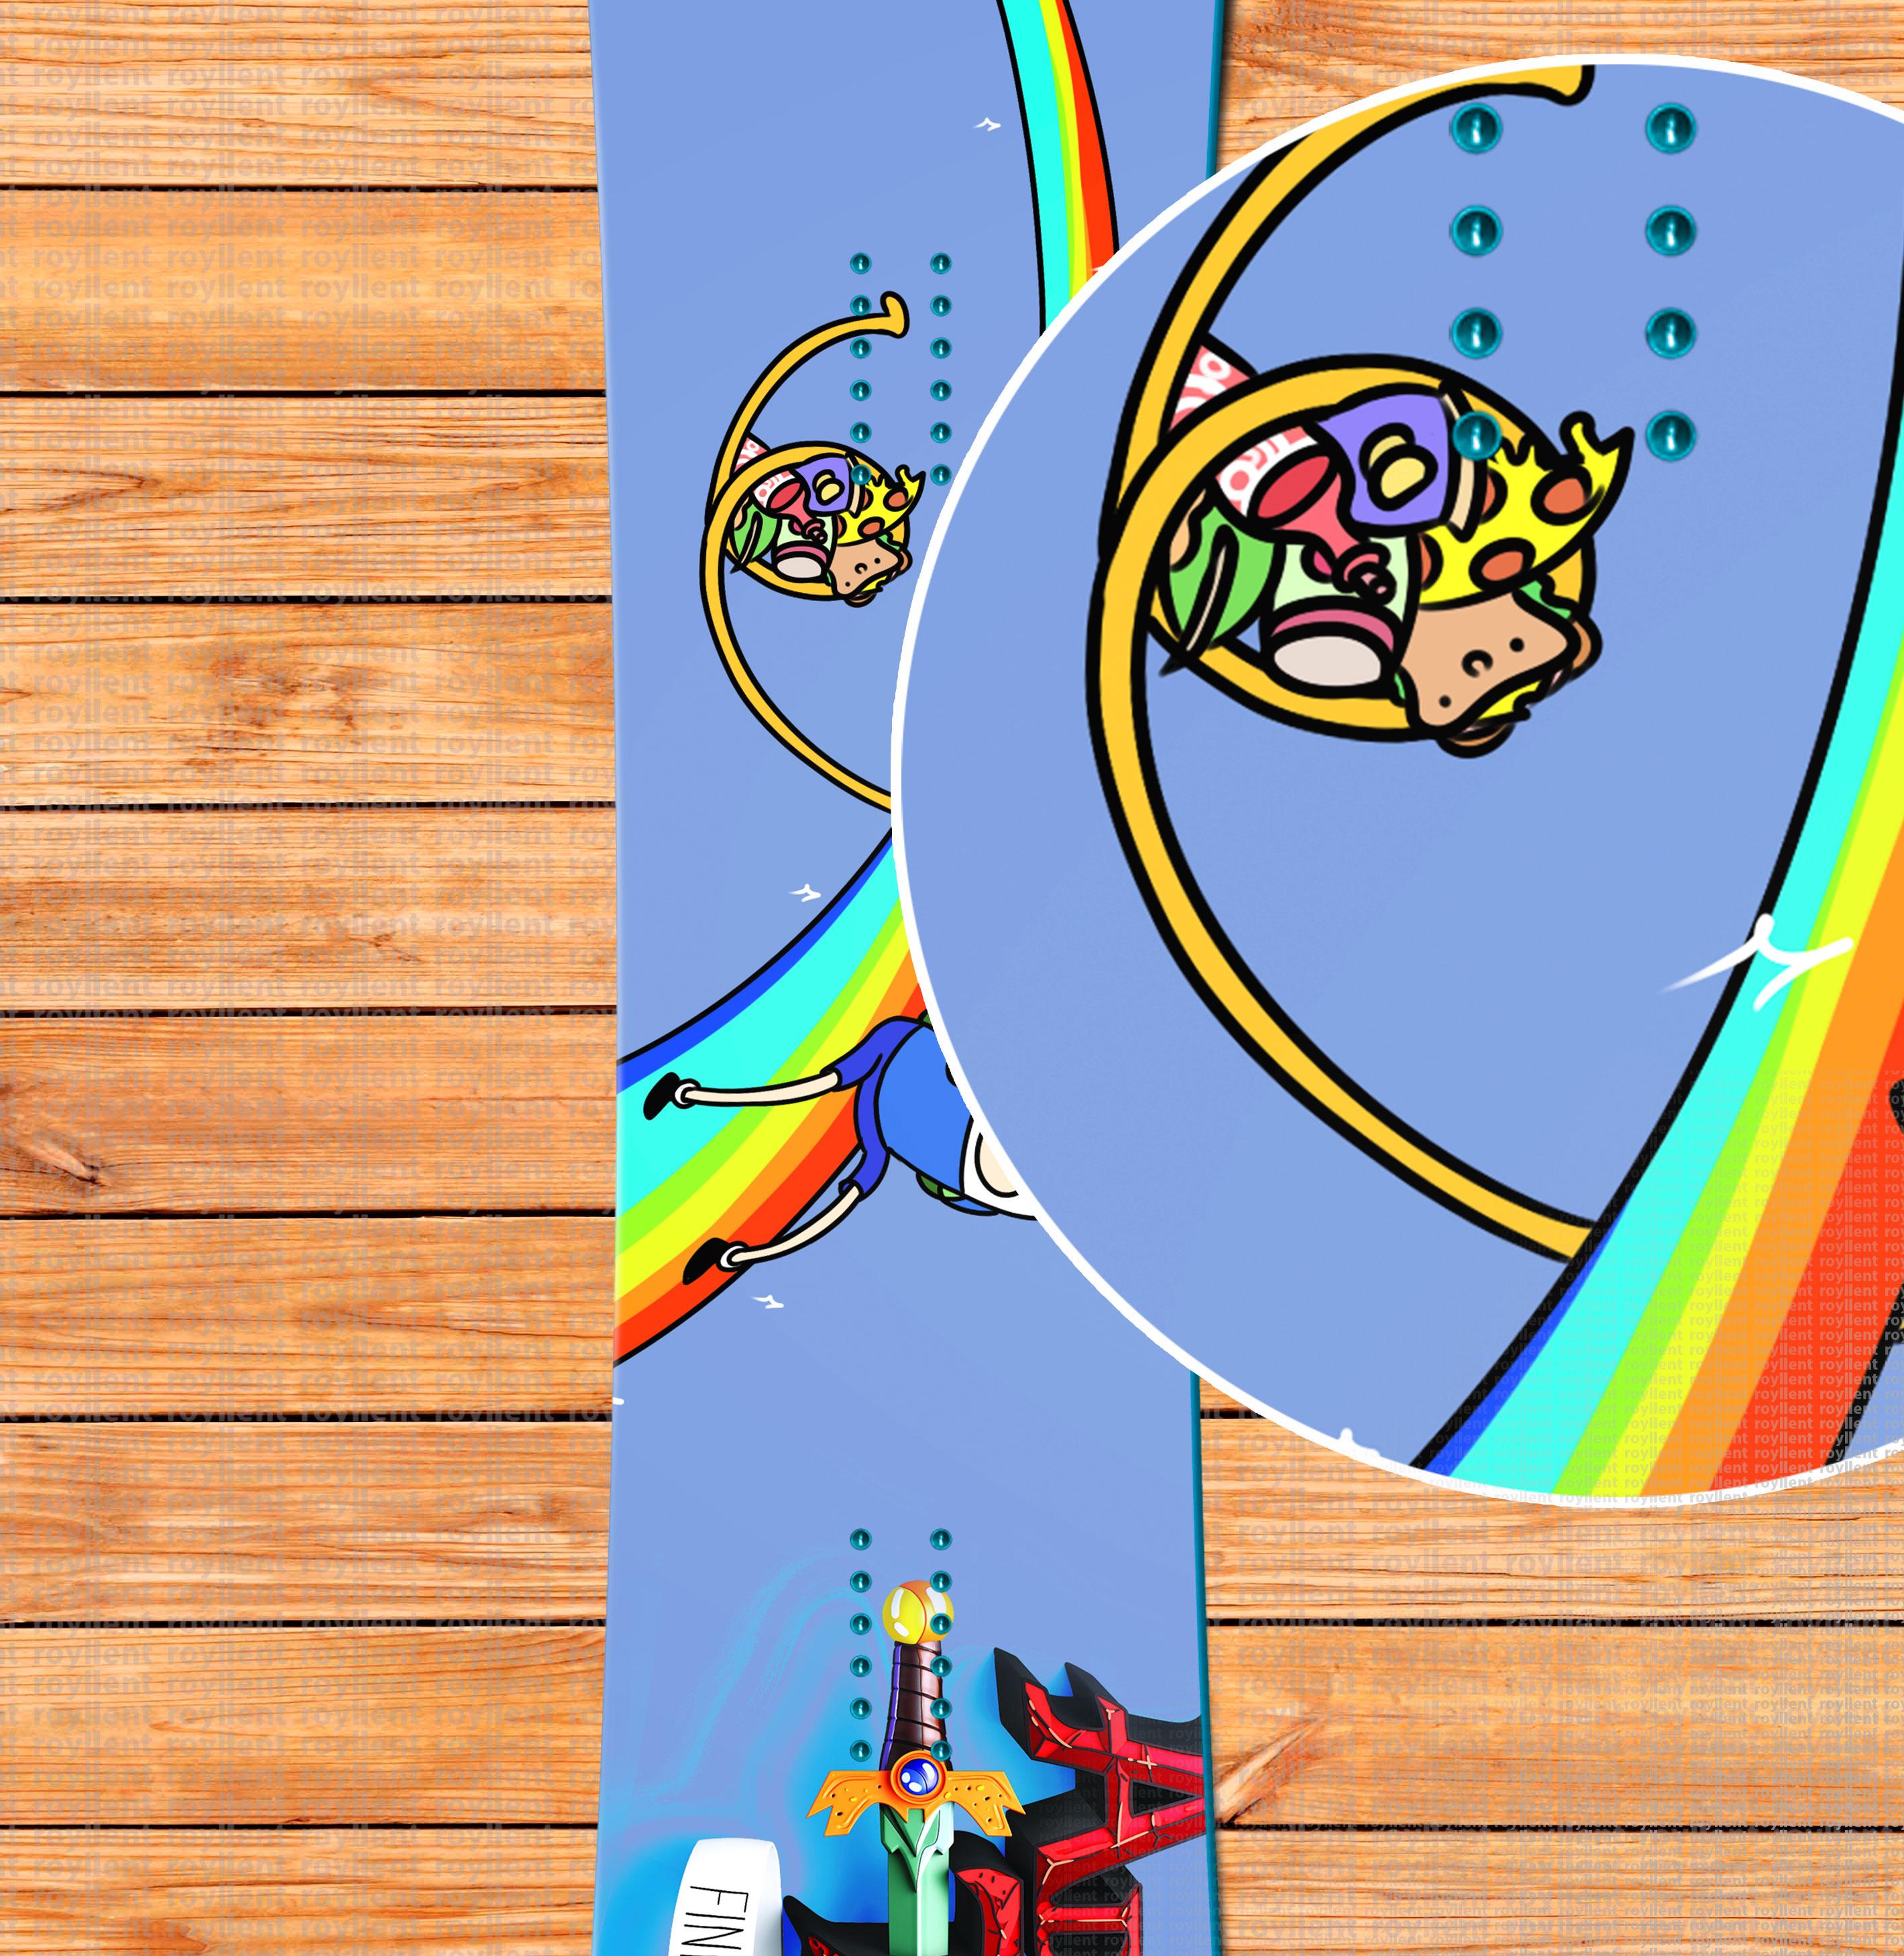 Adventure Time, Marvel, Вынос мозга, постер, меломану, Шикарная проза, Отечественный комикс, Марио, Благотворительность, ArtGame, Это Питер детка, Брутальная проза, Killjoys, хоббит, сумки, Черный юмор, Игрушки, Наклейка, Сноуборд наклейка, Время Приключений, Финн Джек